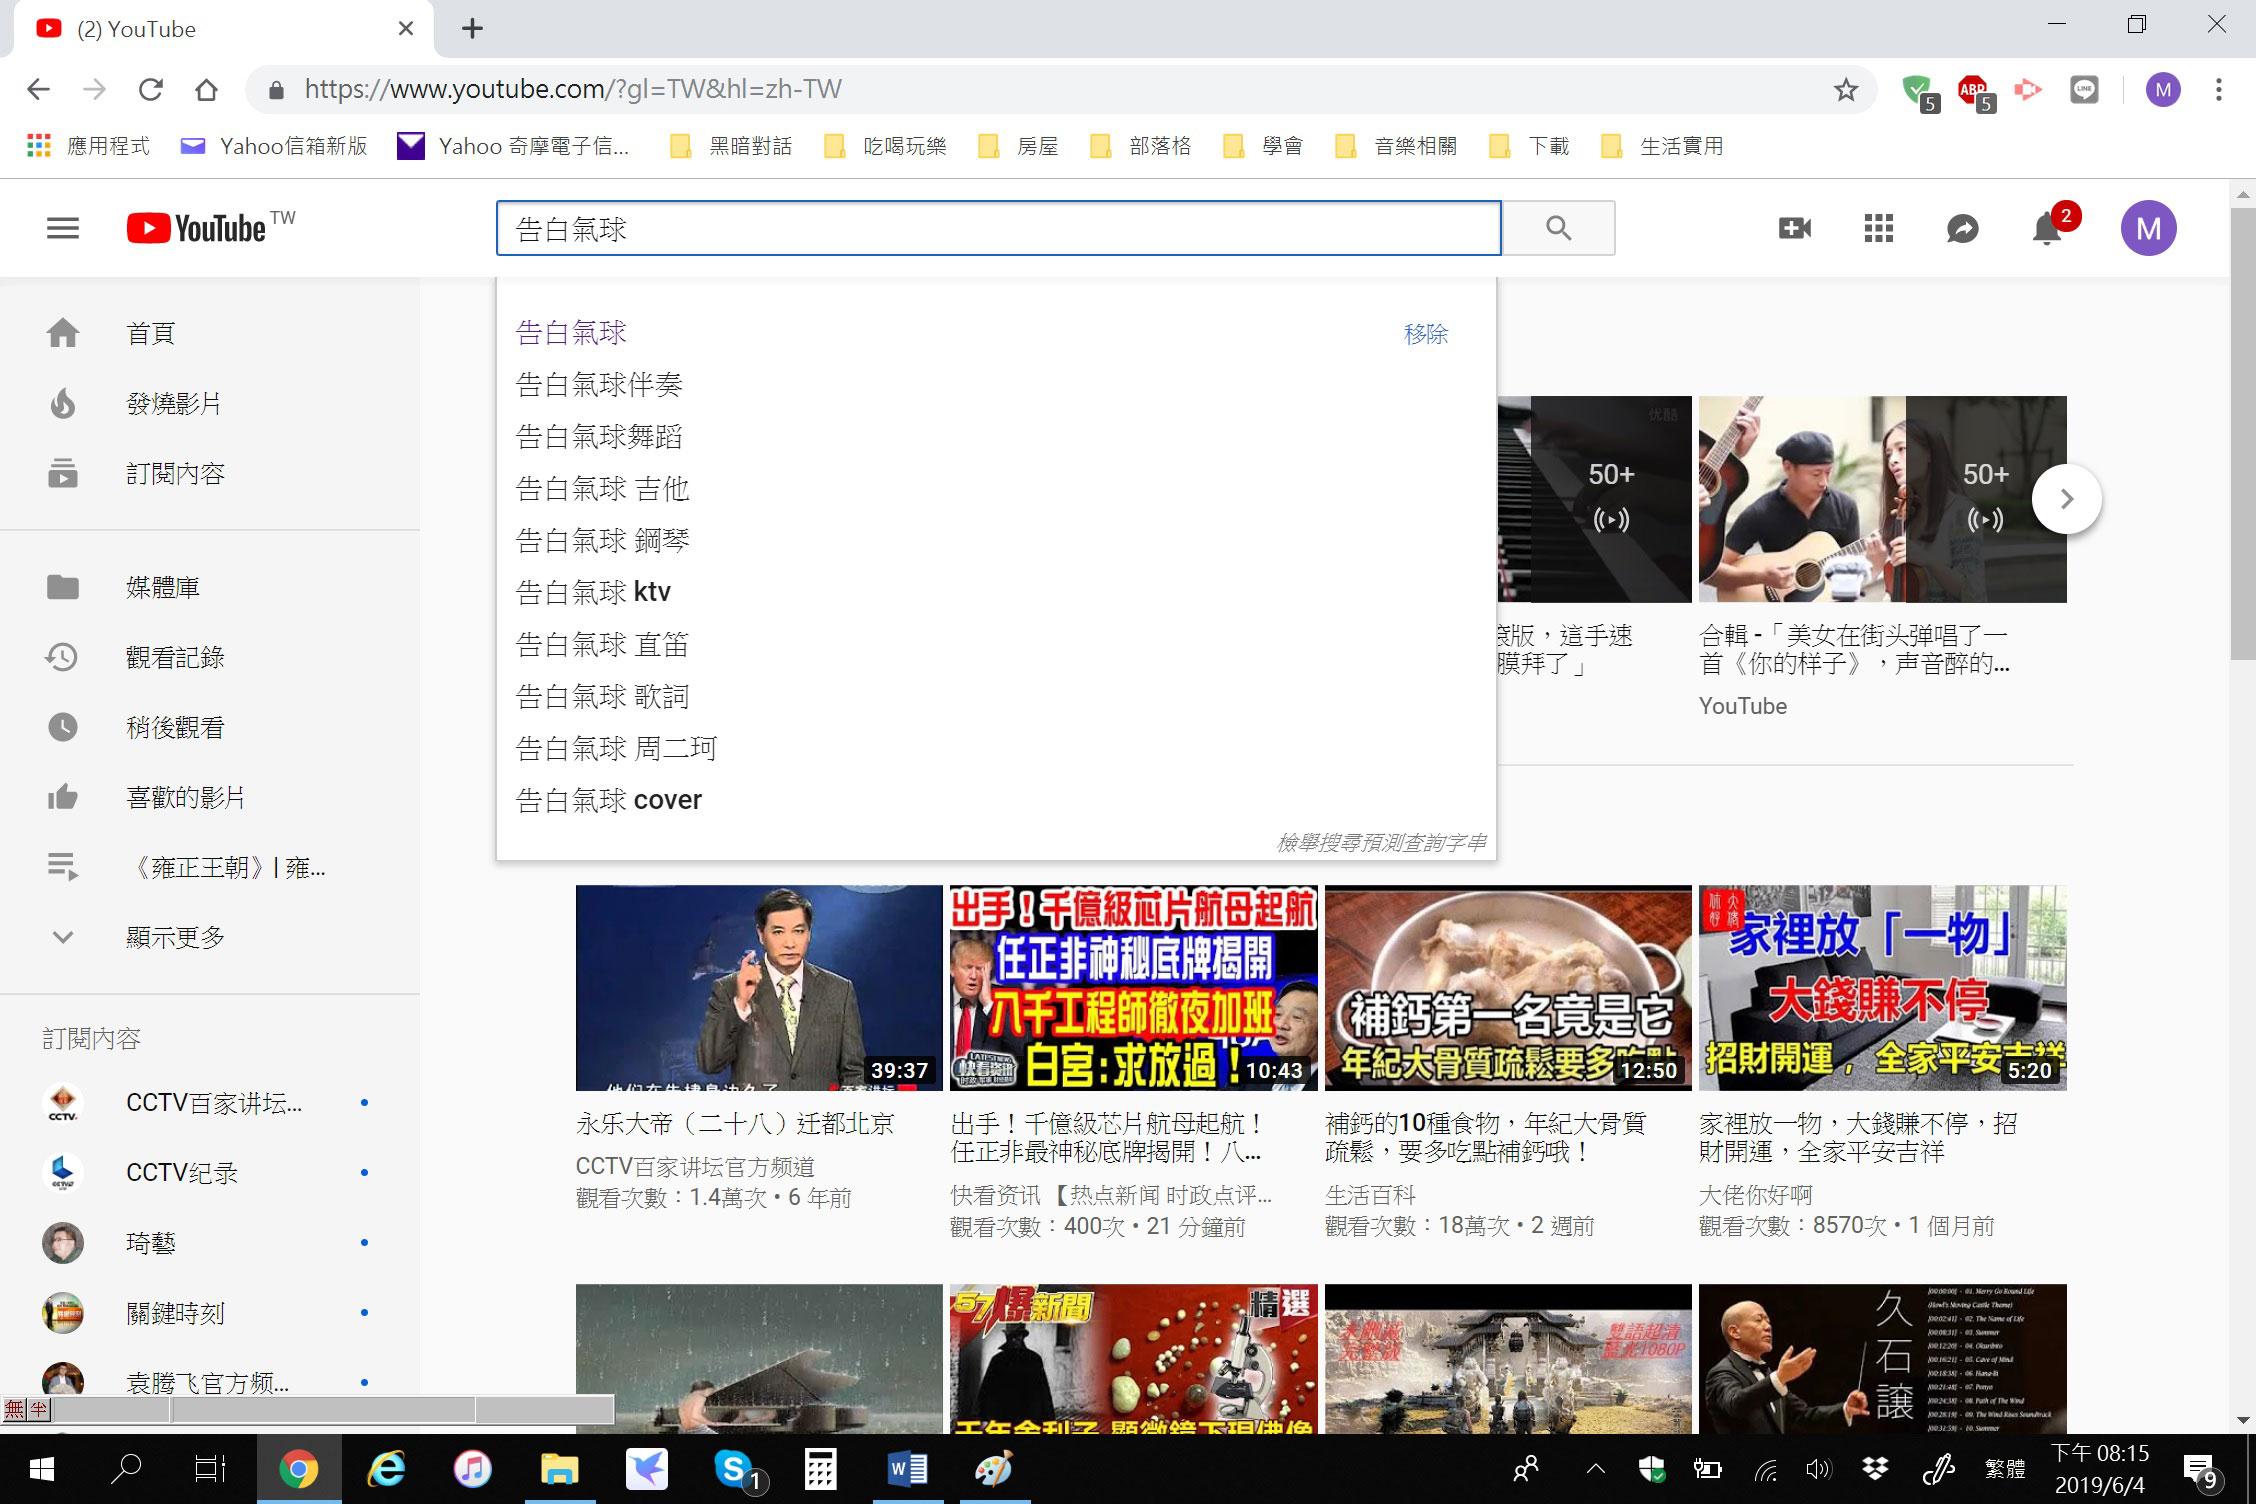 在YouTube的關鍵字搜尋欄位中輸入欲尋找的歌曲關鍵字。